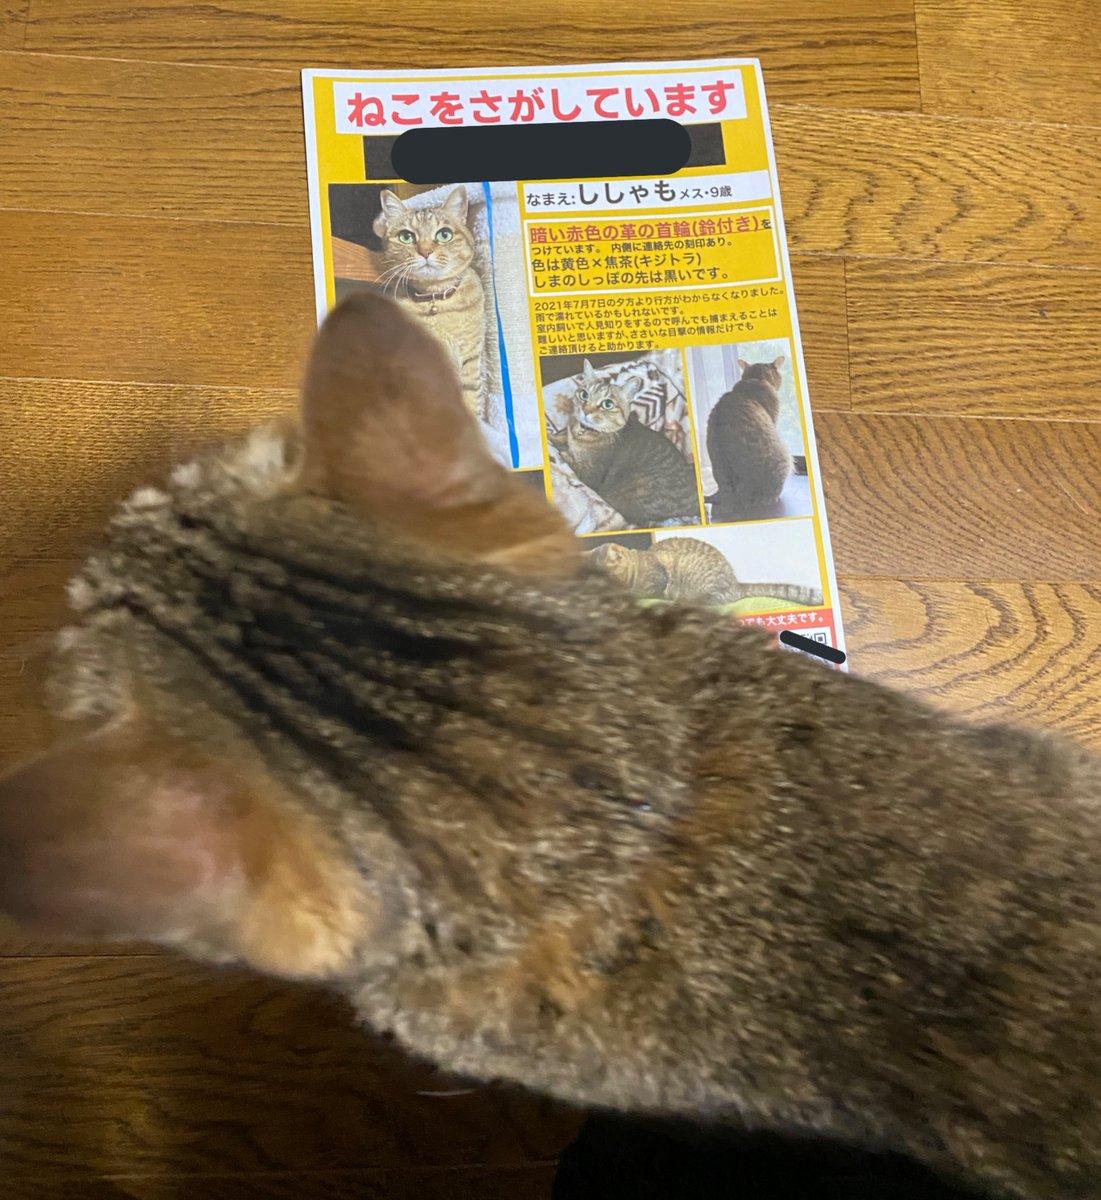 飼い主の心配を知らず、のんびりな猫!捜索ポスターまで書いたのに